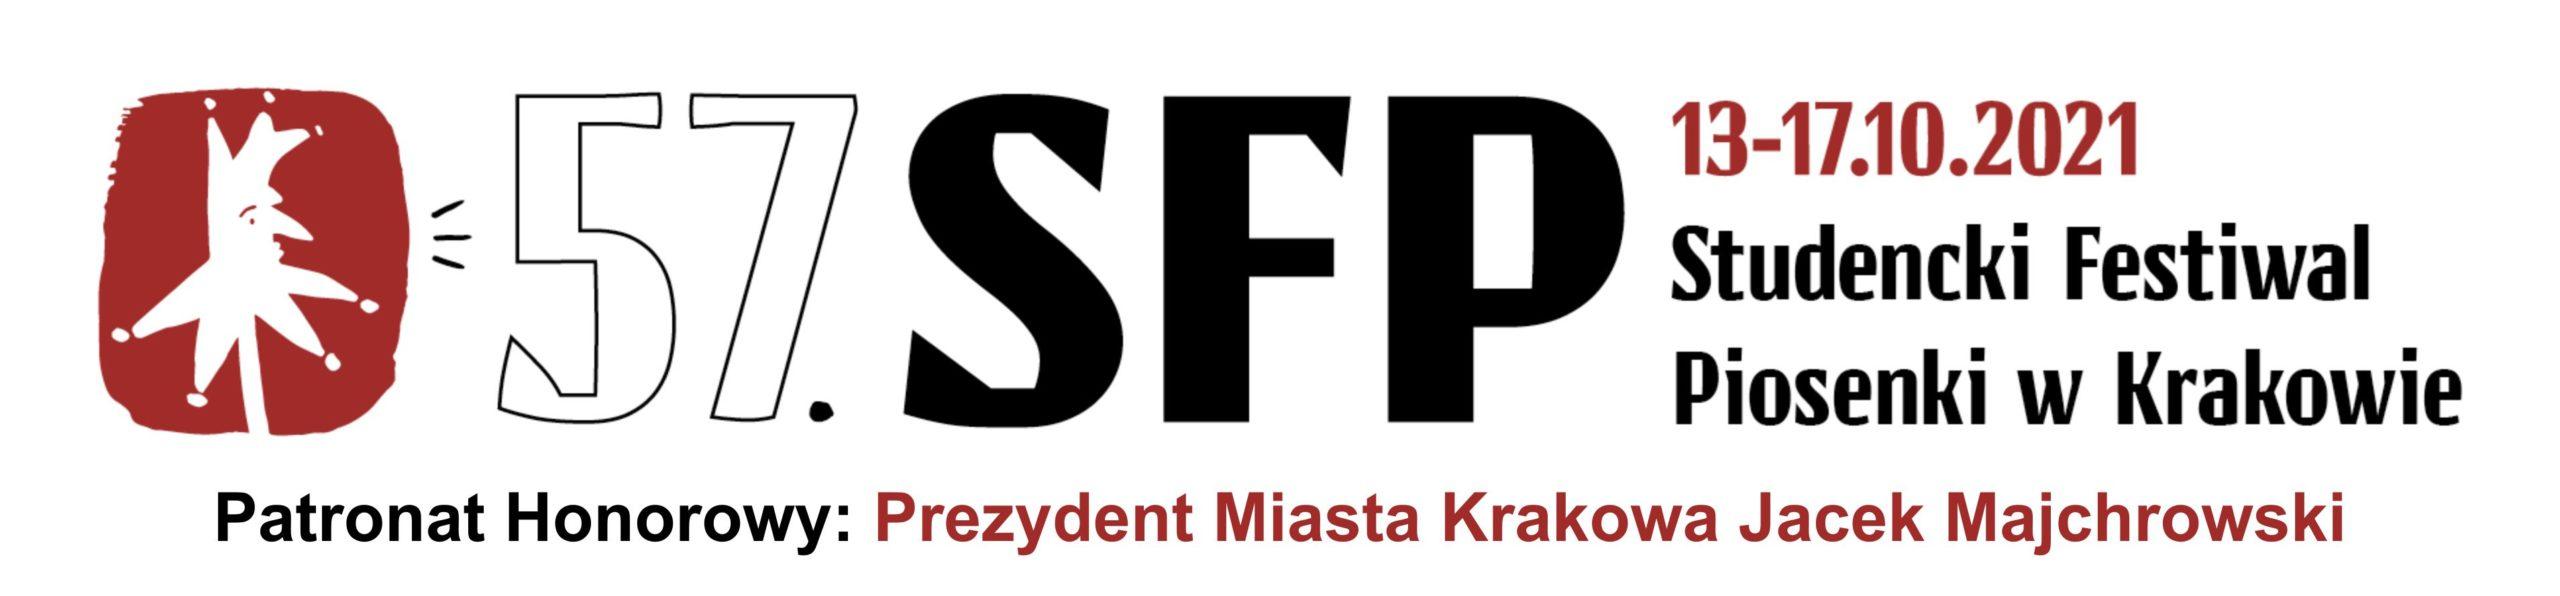 57. Studencki Festiwal Piosenki w Krakowie